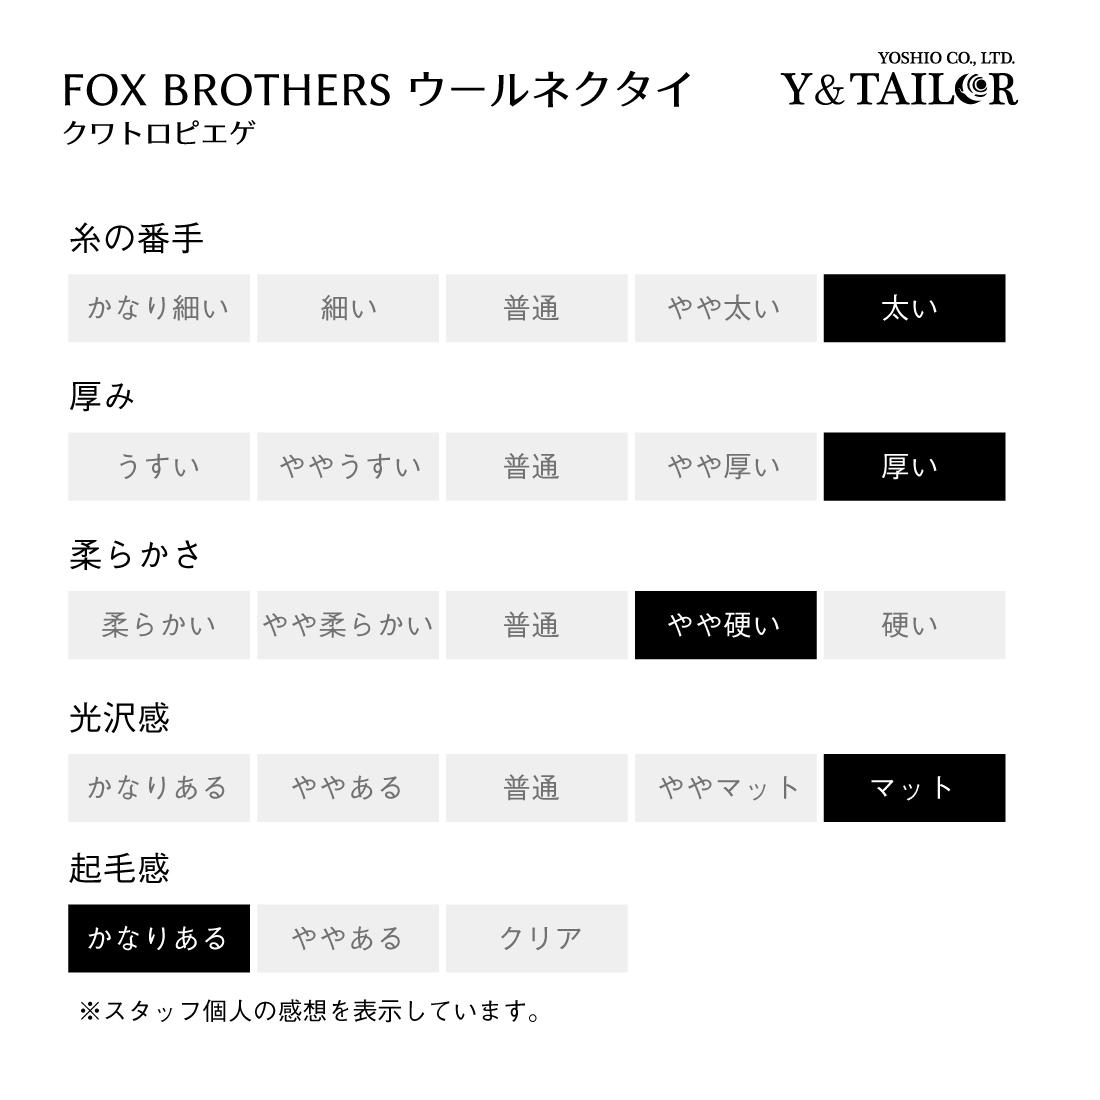 ネクタイ ウール クワトロピエゲ グレンチェック 千鳥 FOX BROTHERS FLANNEL フォックスブラザーズ フランネル 2VARIATION